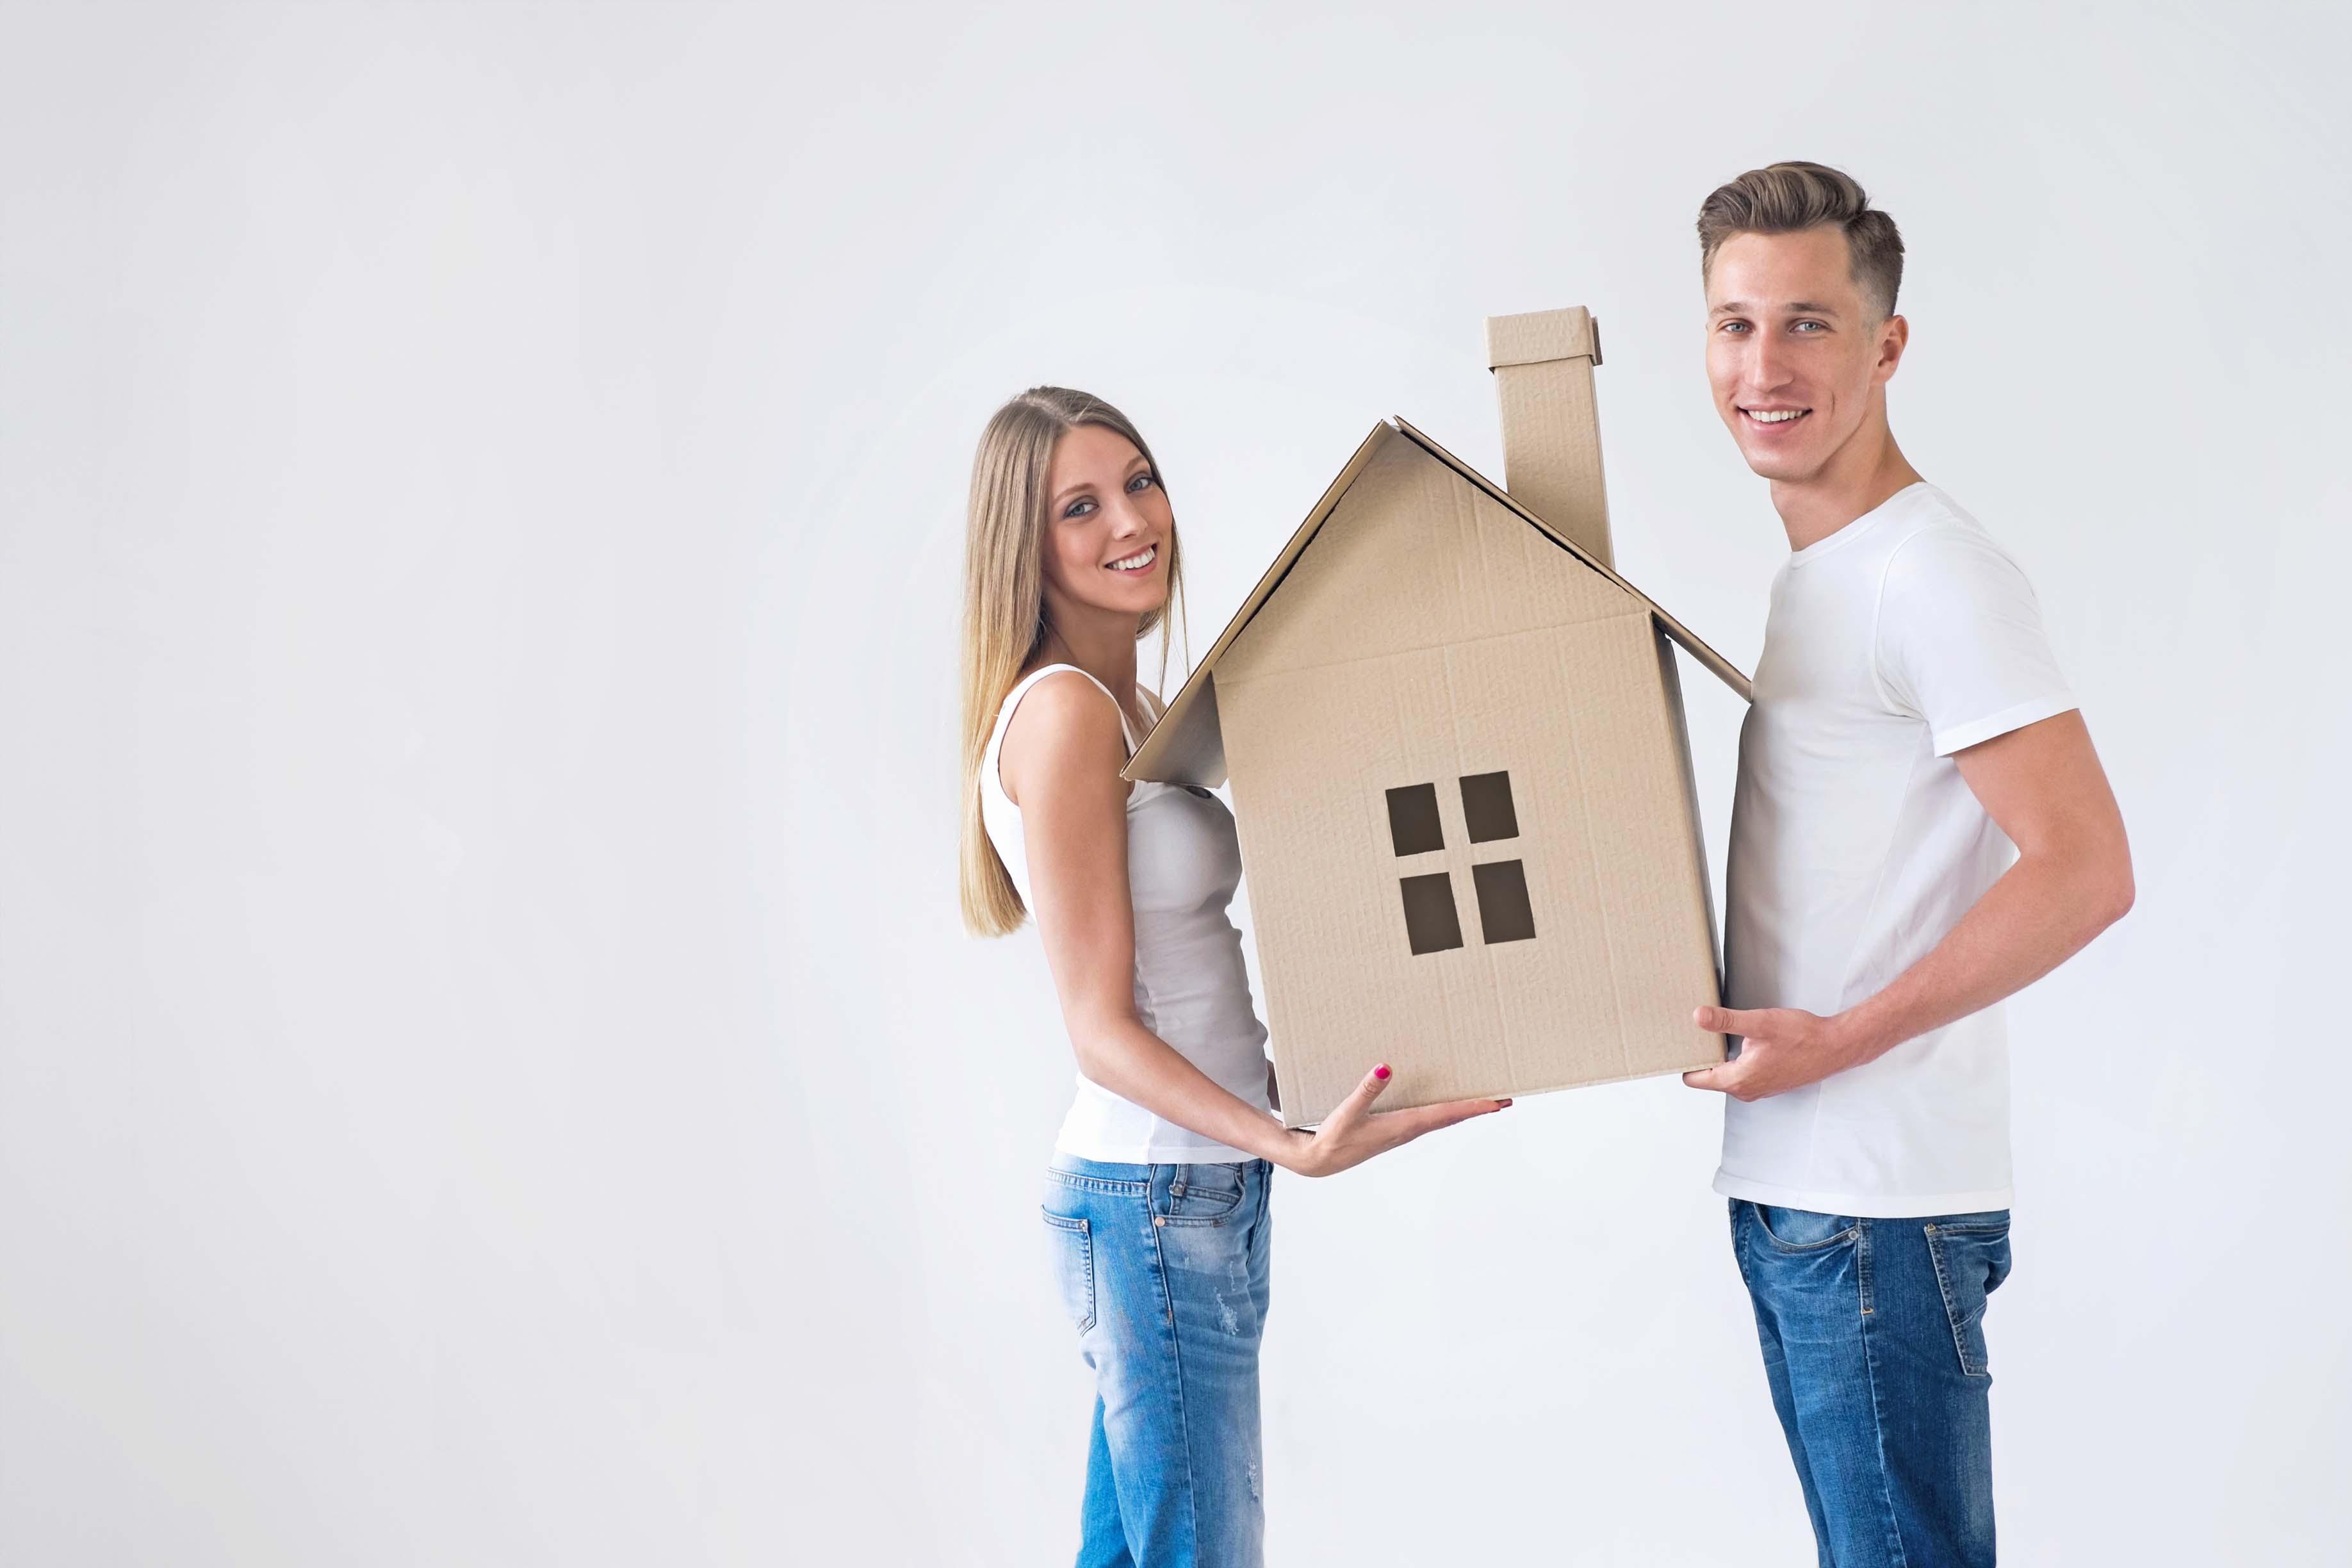 De locataire propri taire les d penses pr voir publimaison - Liste des charges locatives incombant au locataire ...